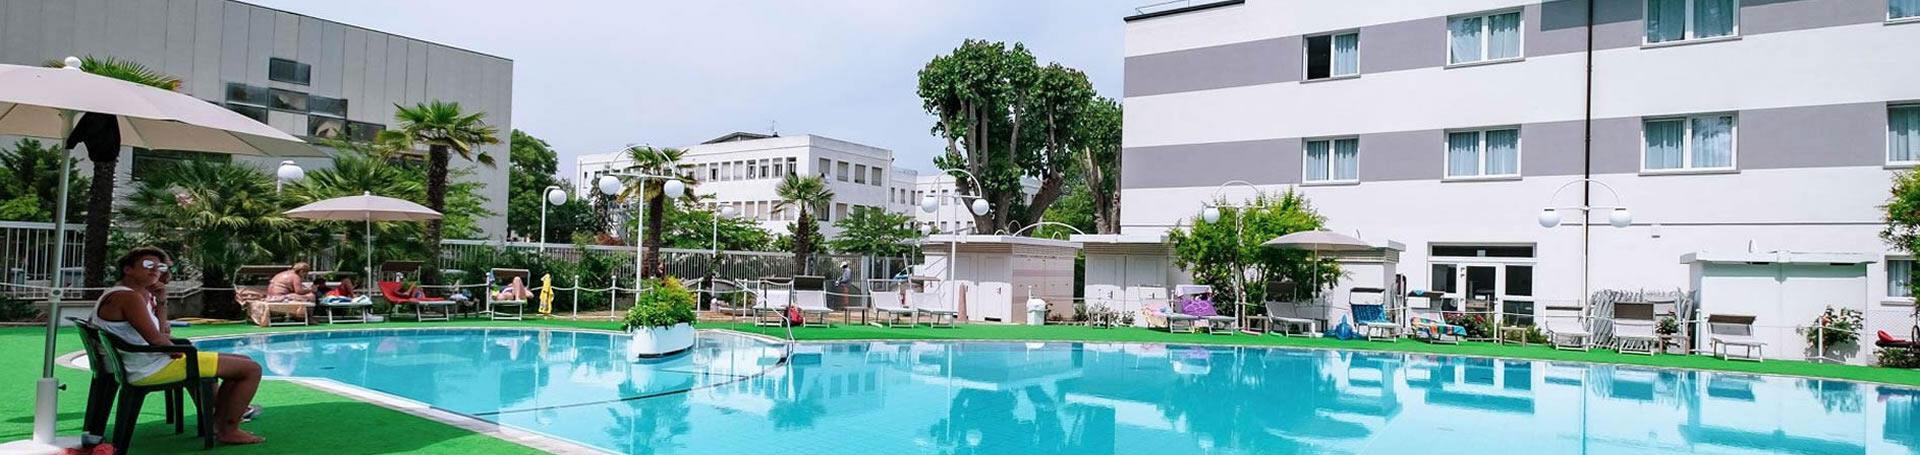 greenvillagecesenatico fr hotel-avec-piscine-cesenatico 009